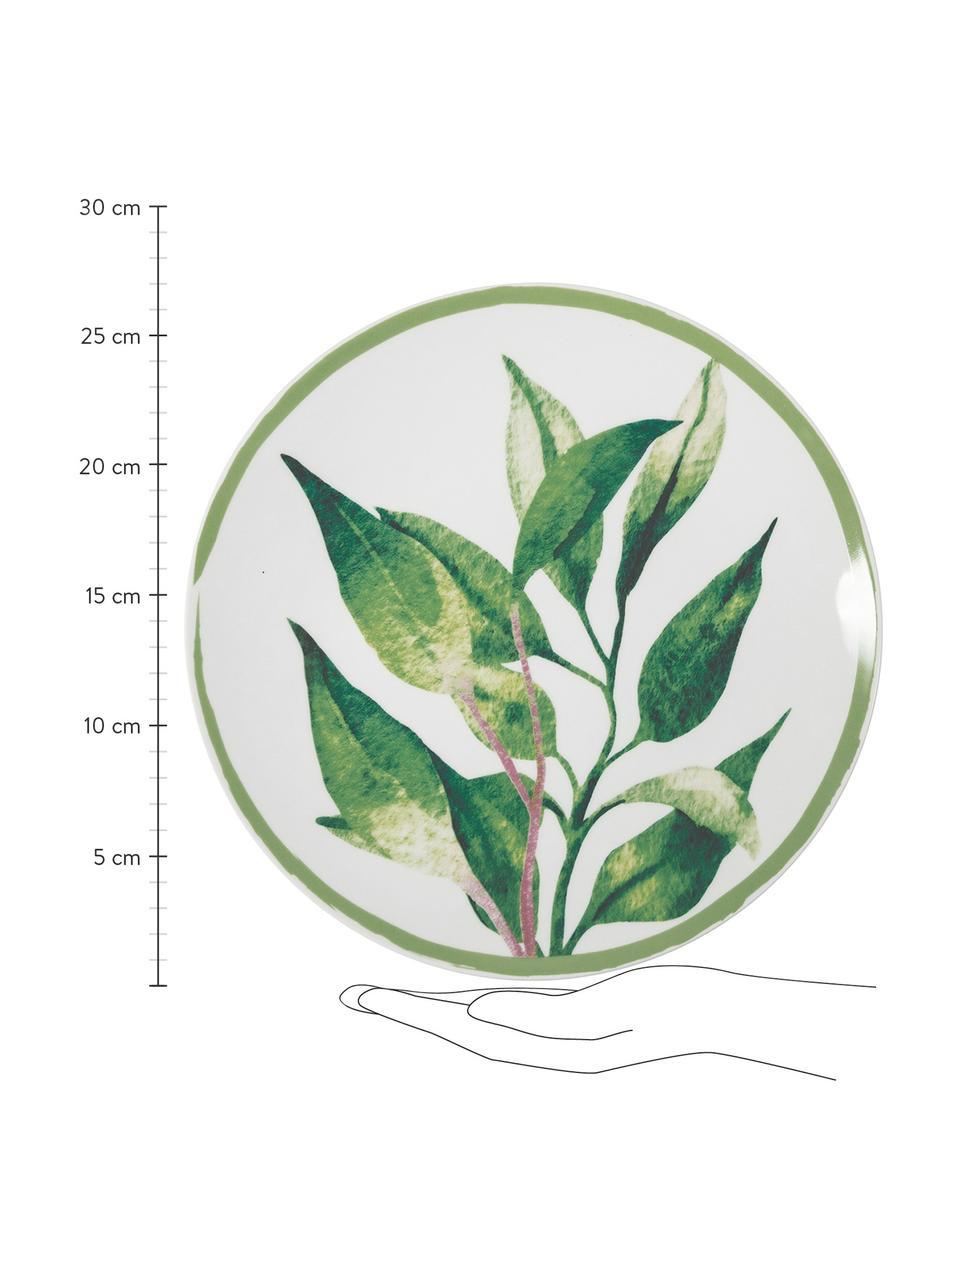 Komplet naczyń Botanique, 18 elem., Zielony, biały, żółty, Komplet z różnymi rozmiarami